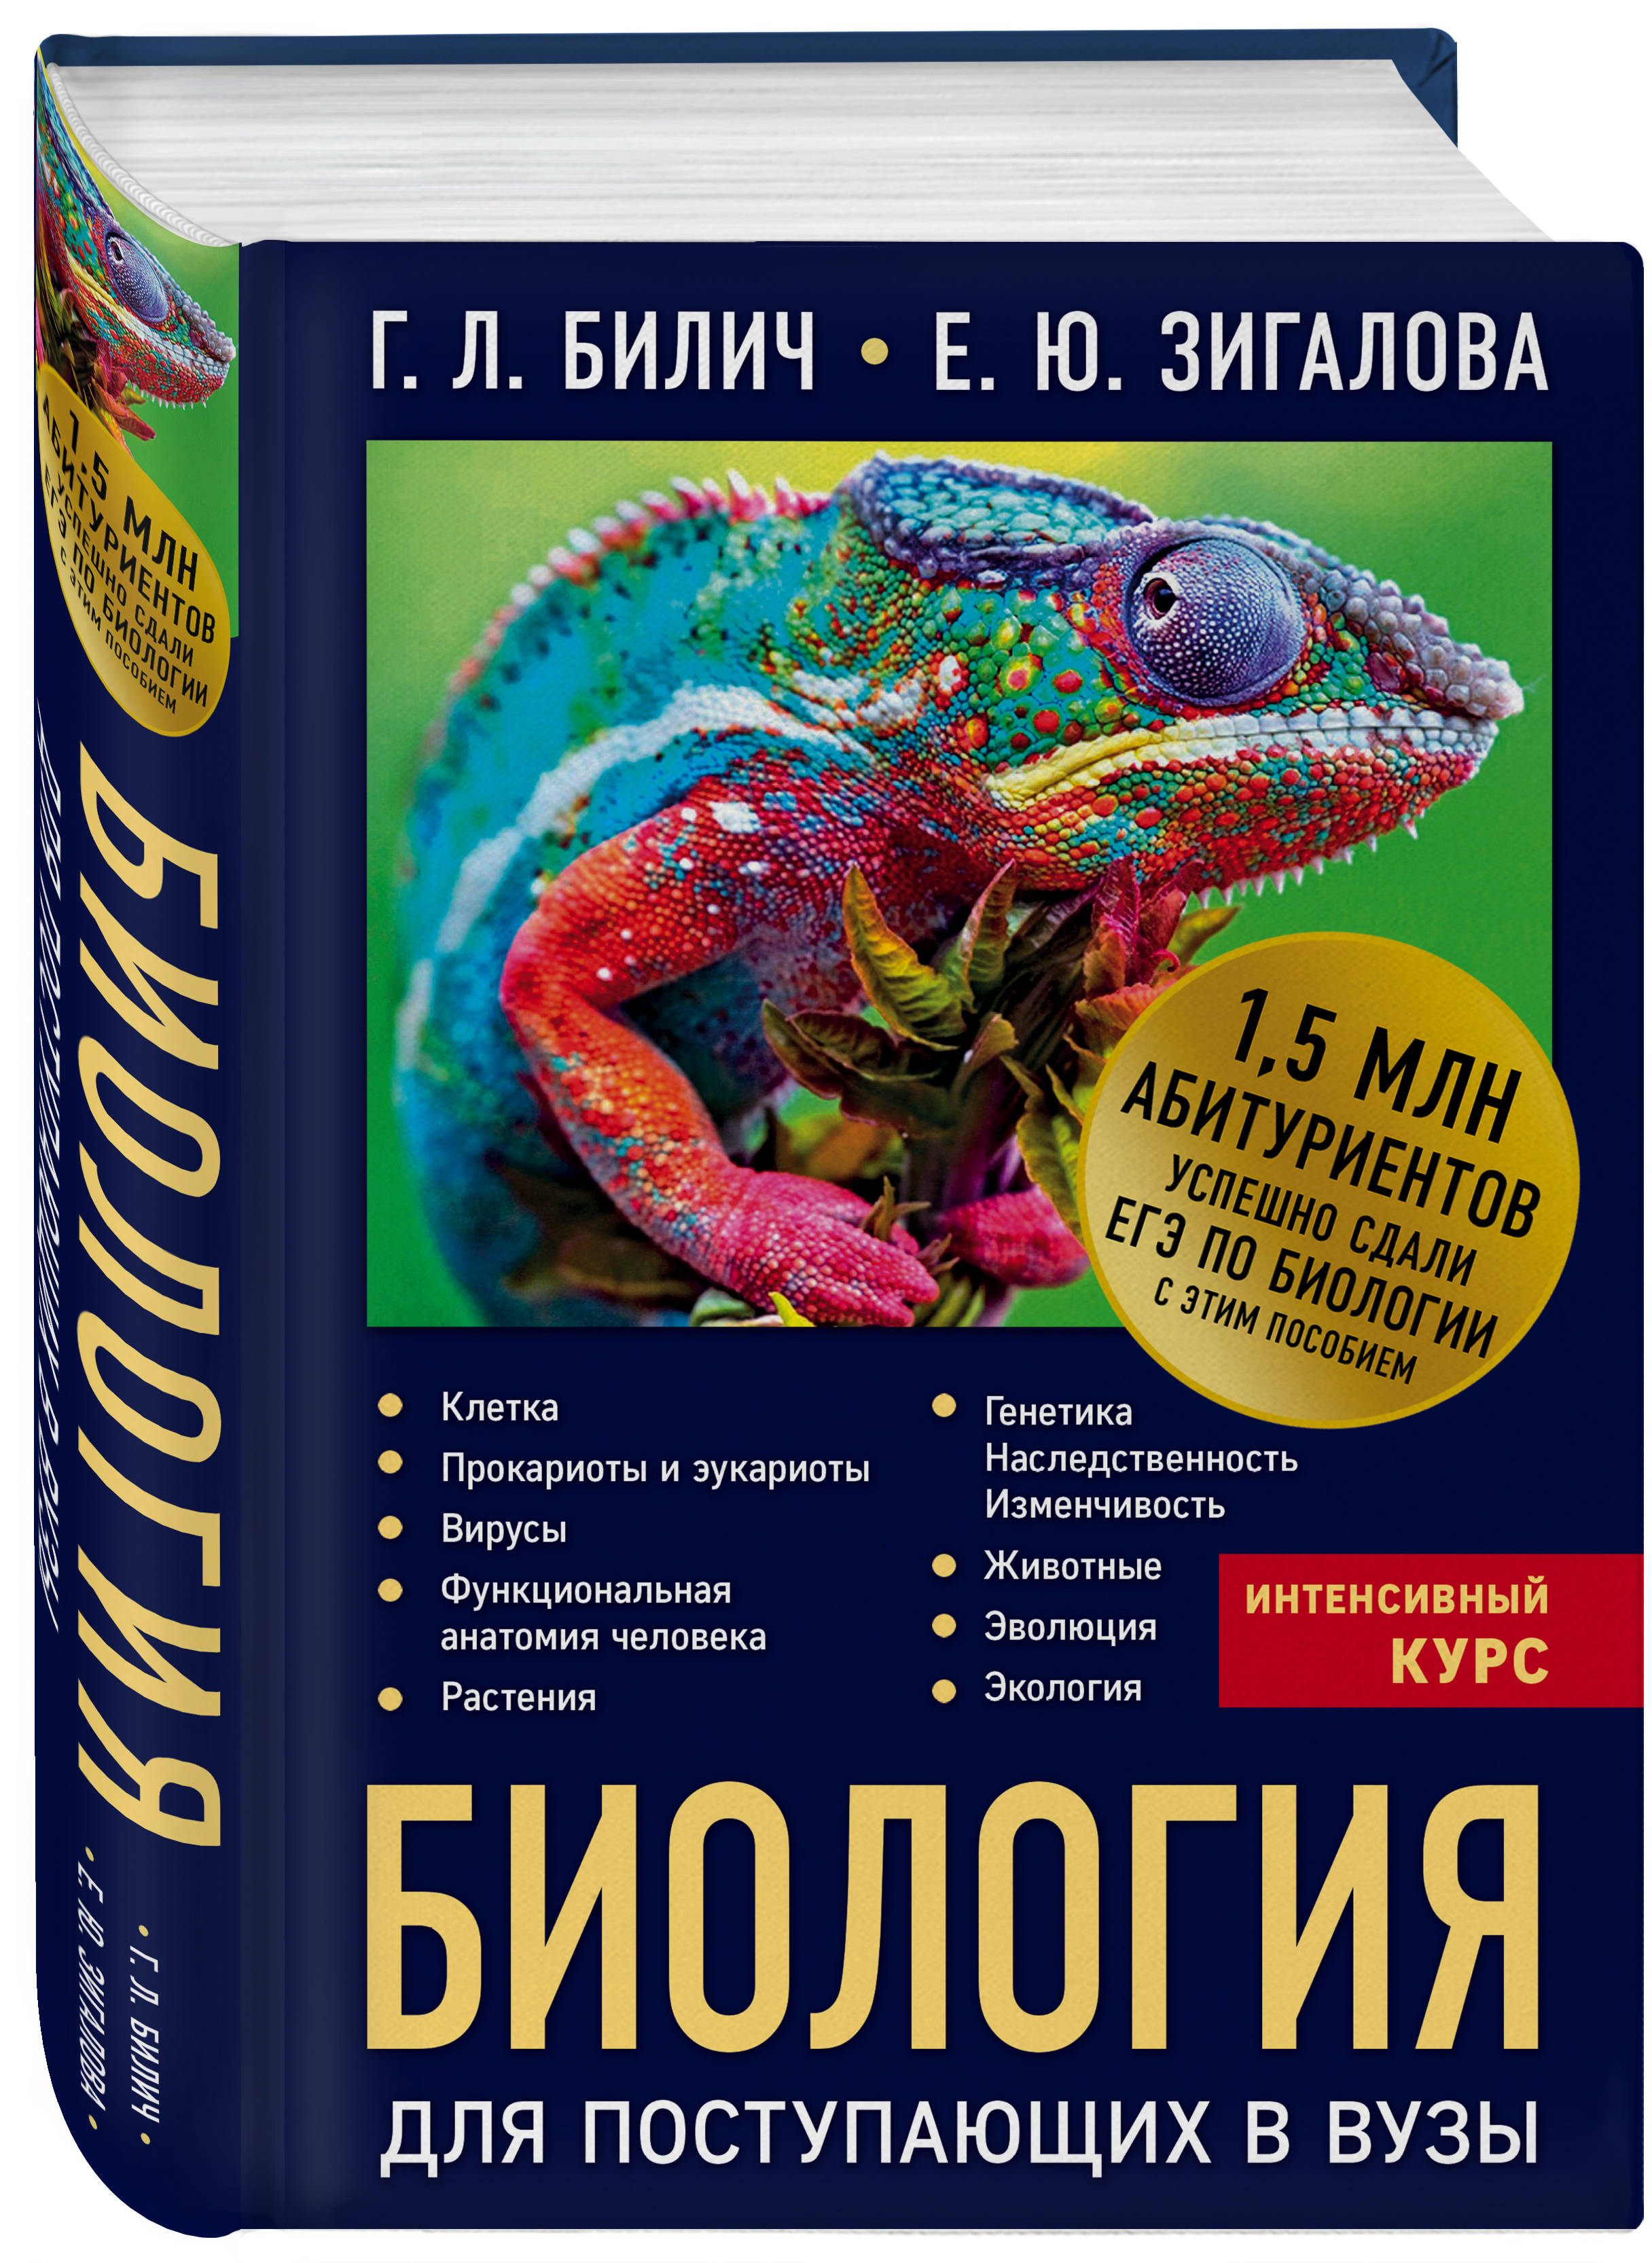 Биология для поступающих в вузы ( Билич Габриэль Лазаревич, Зигалова Елена Юрьевна  )